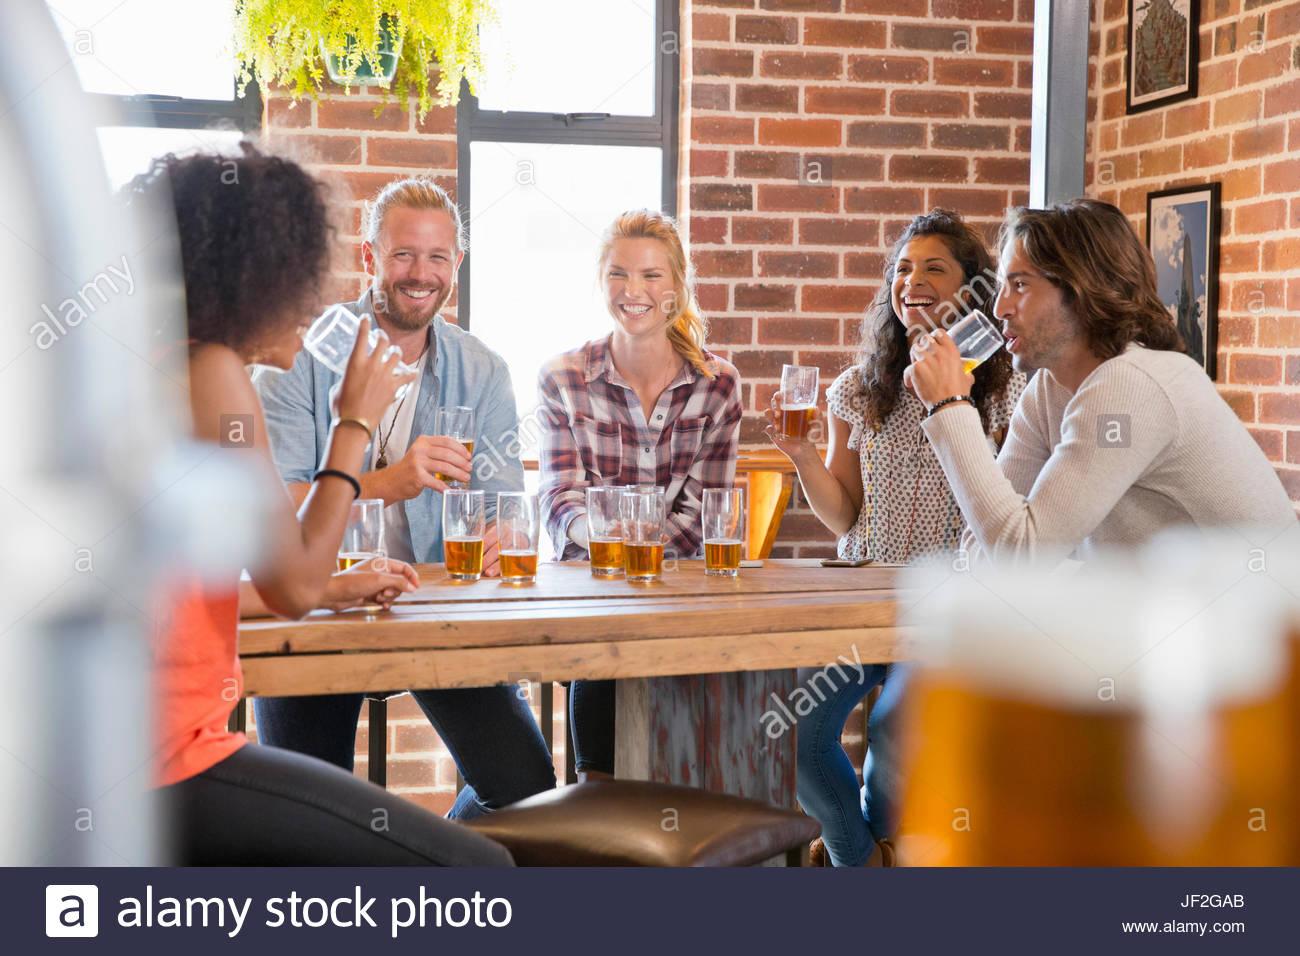 Gruppe von jungen Freunden Geselligkeit Bar zusammen Stockbild